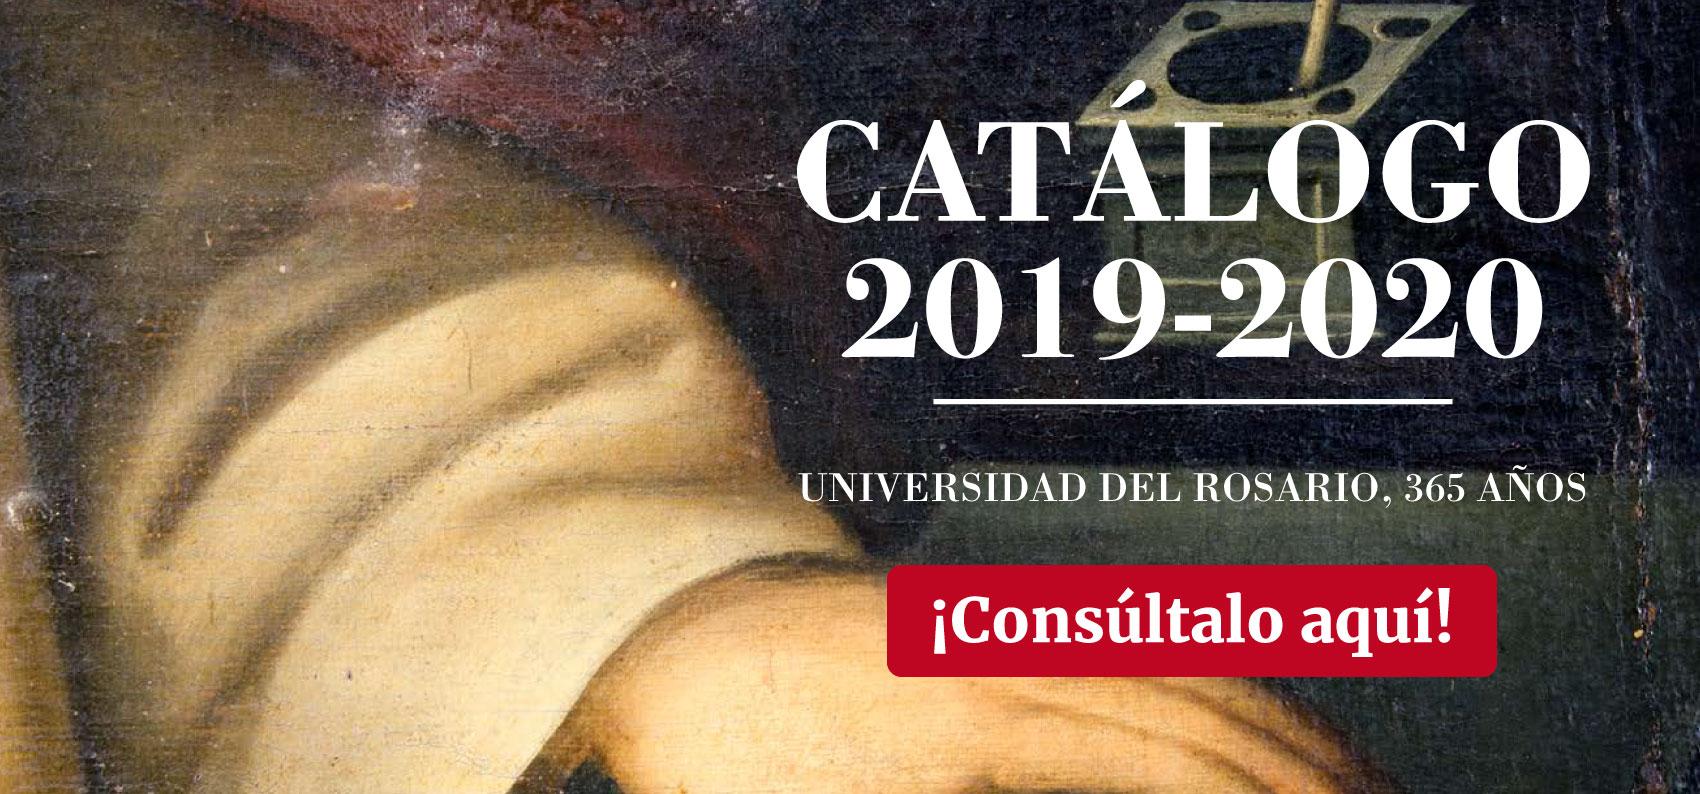 Catalogo 2019 - 2020